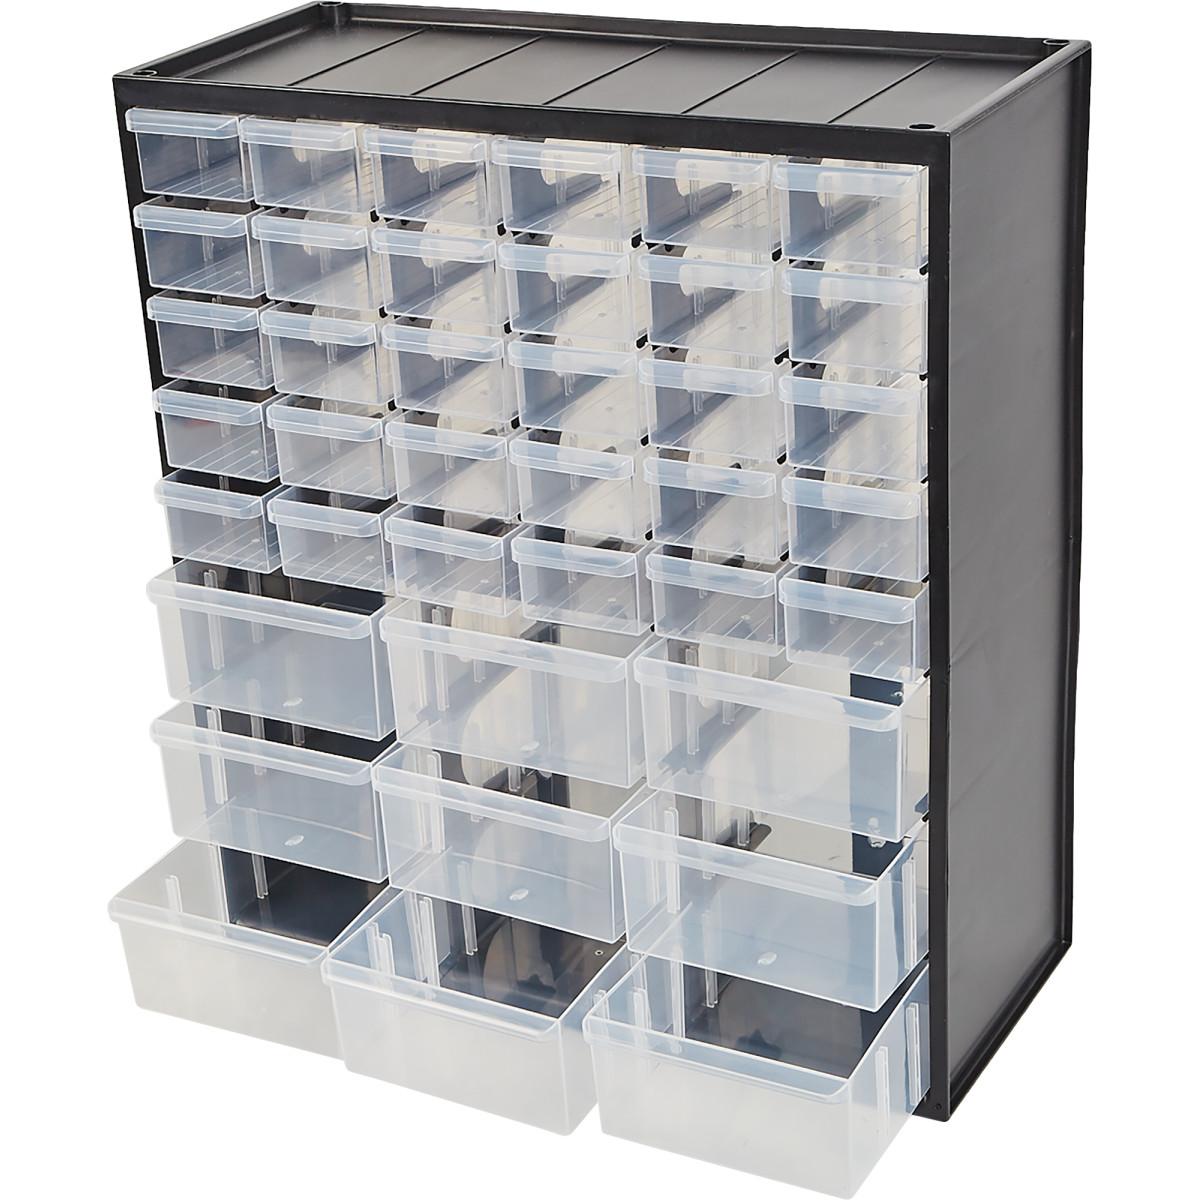 Органайзер Stanley 375Х470Х173 39 Ящиков Пластик Цвет Черный/Прозрачный